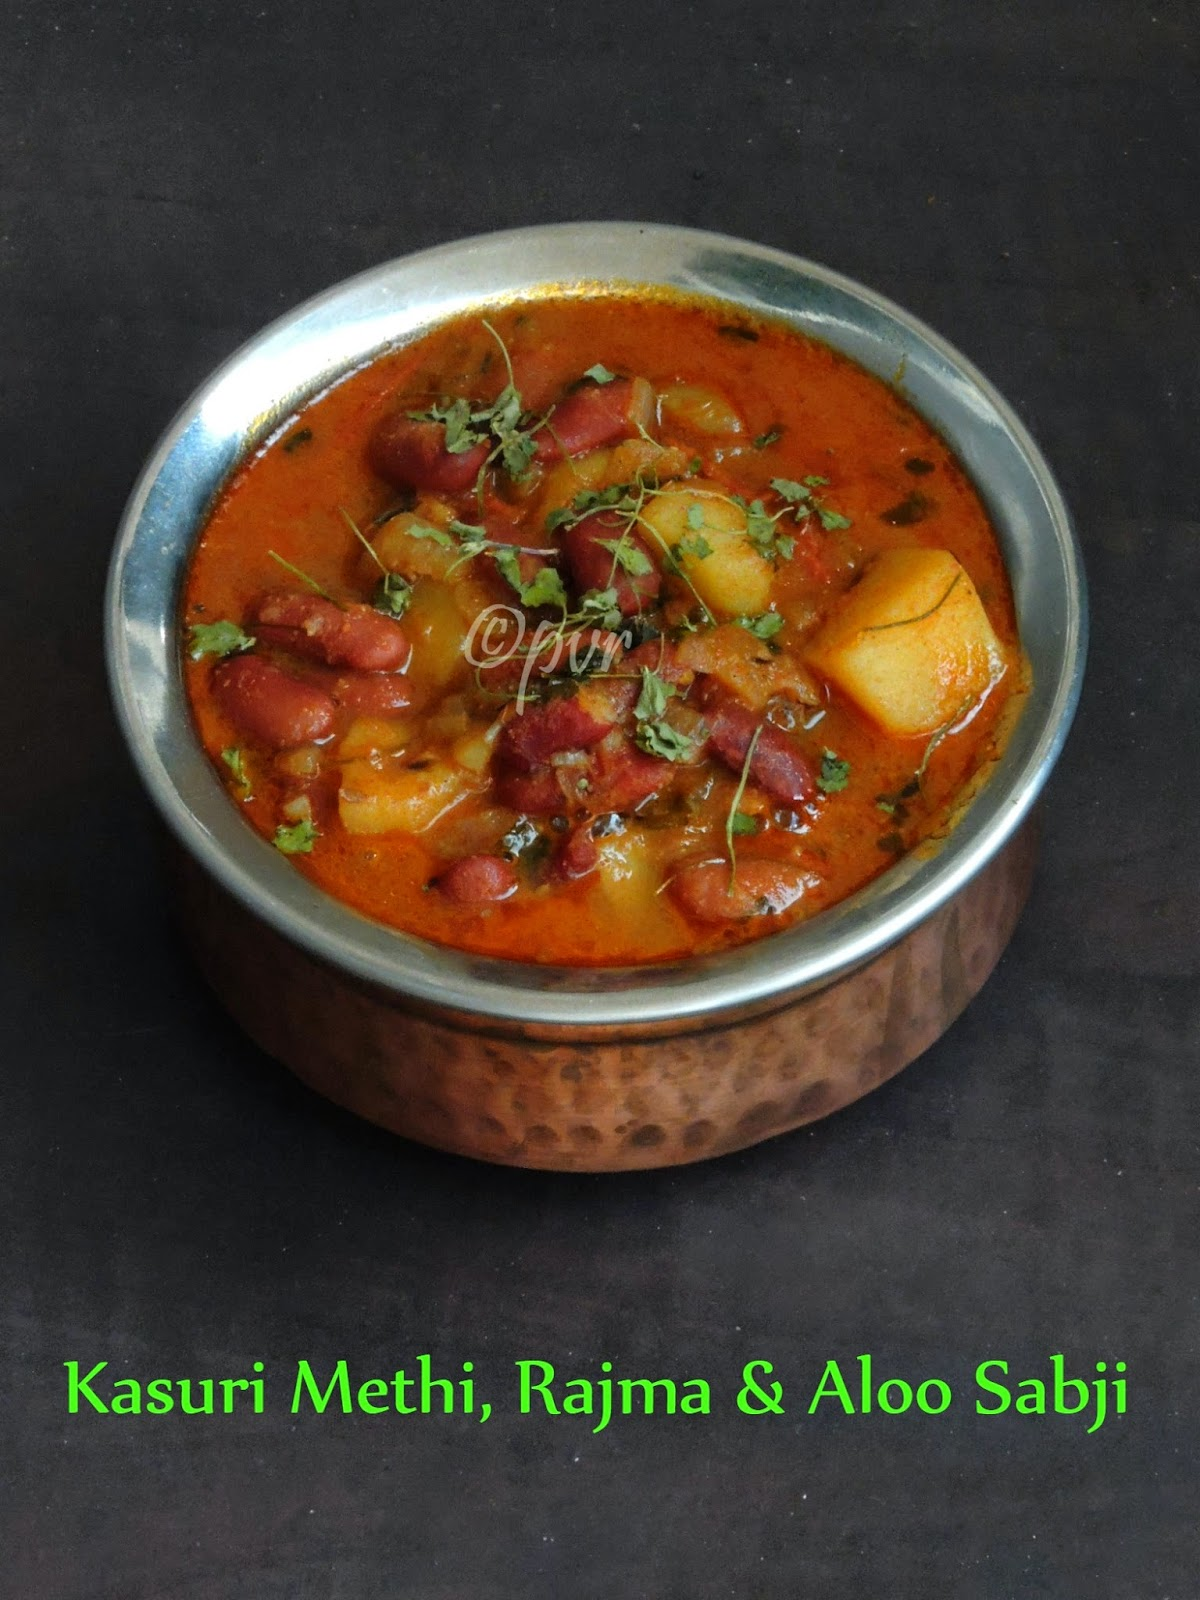 Kasuri Methi, Rajma & Aloo Sabji